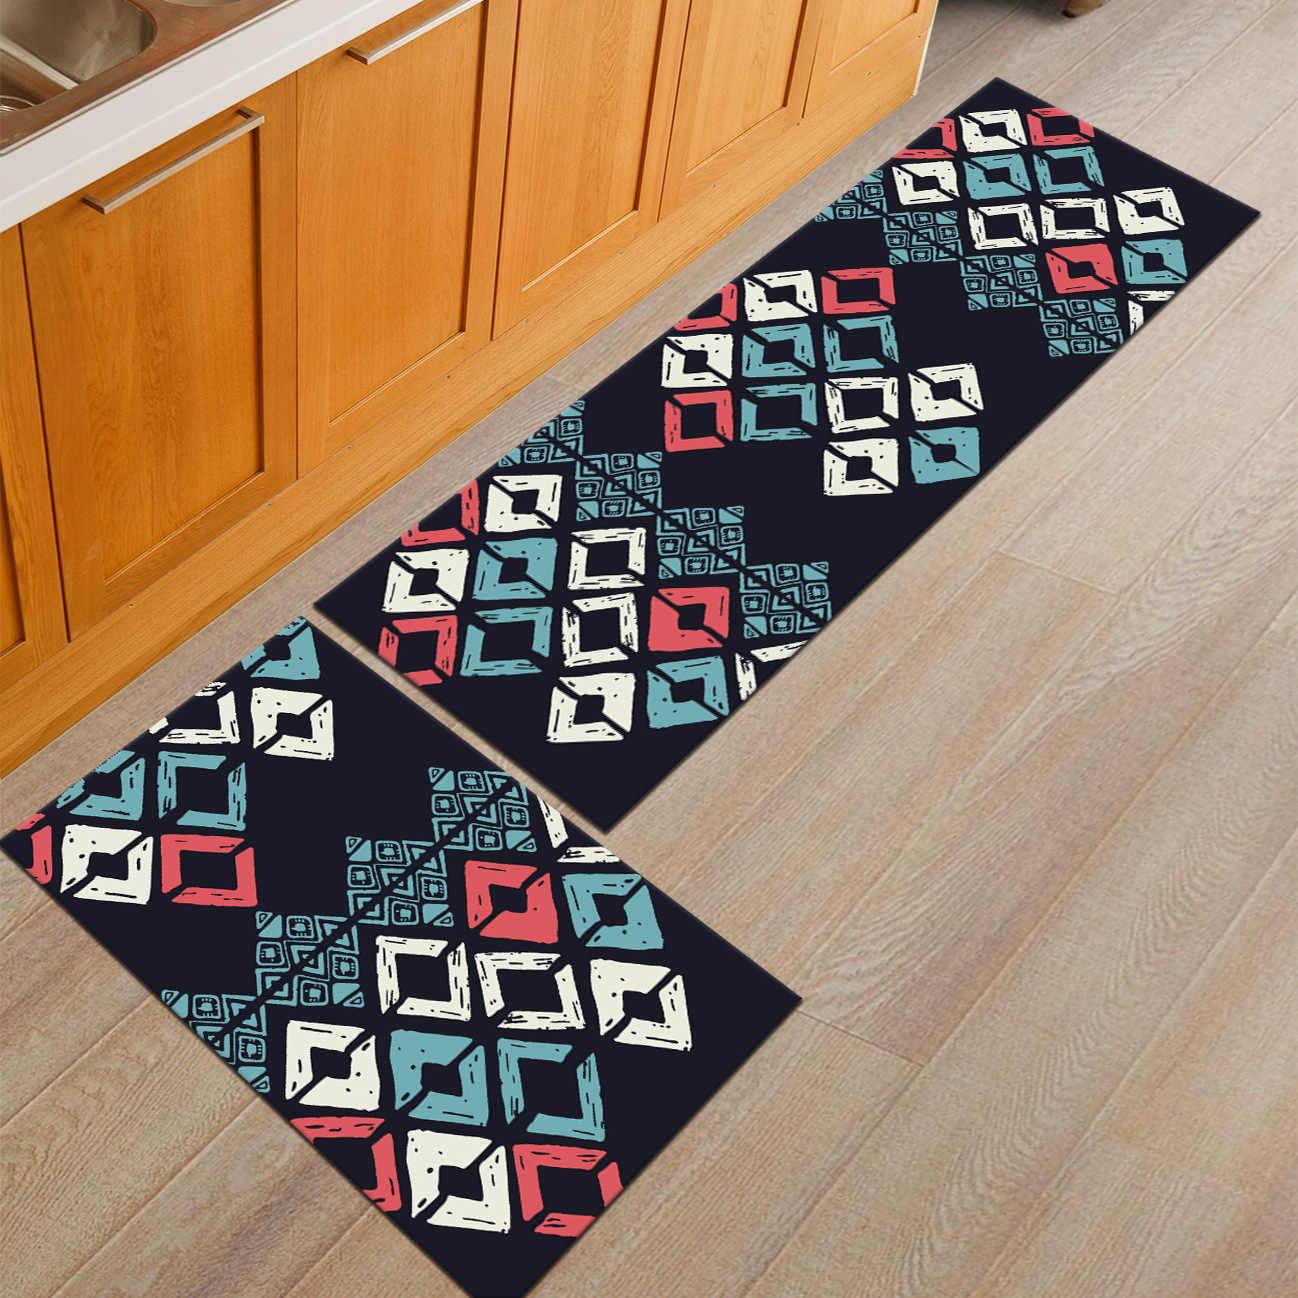 Zeegle Absorbent Doormats Outdoor Anti Slip Bathroom Bath Mats Bedroom Carpet Bedside Mats Sofa Table Floor Mat Kitchen Area Rug